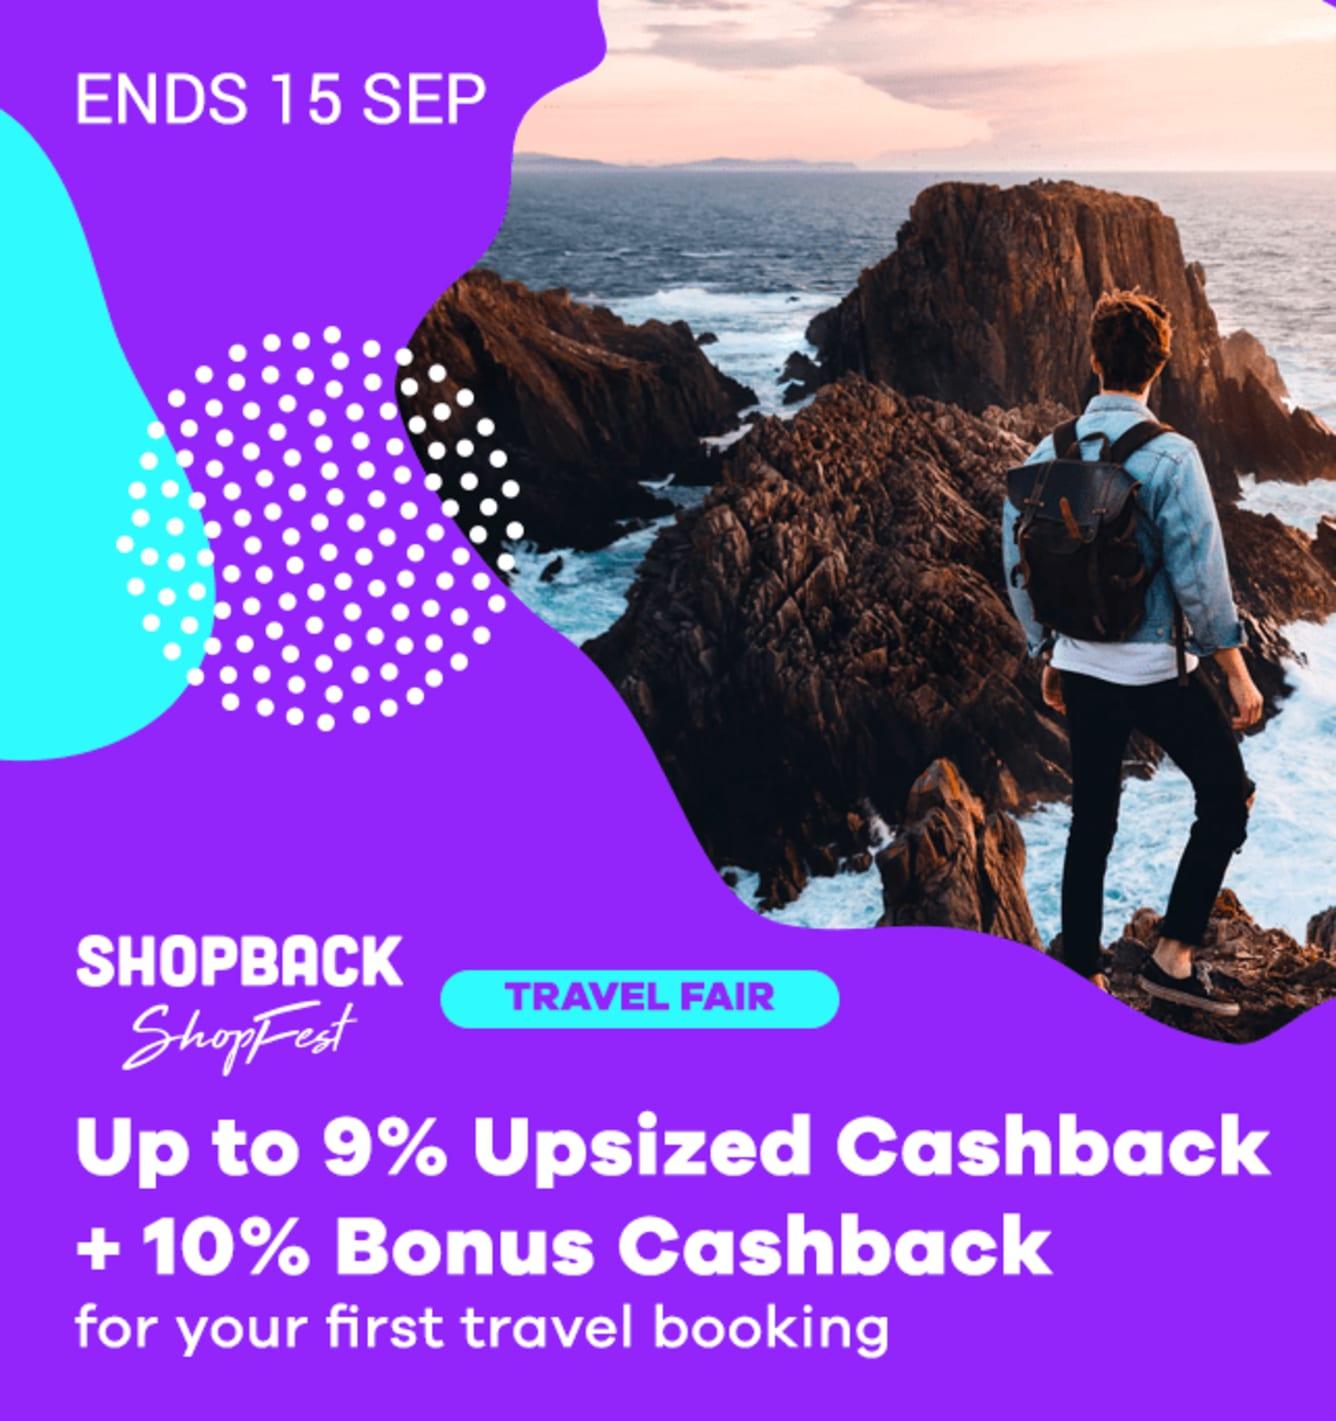 Travel Fair Up to 9% Upsized Cashback